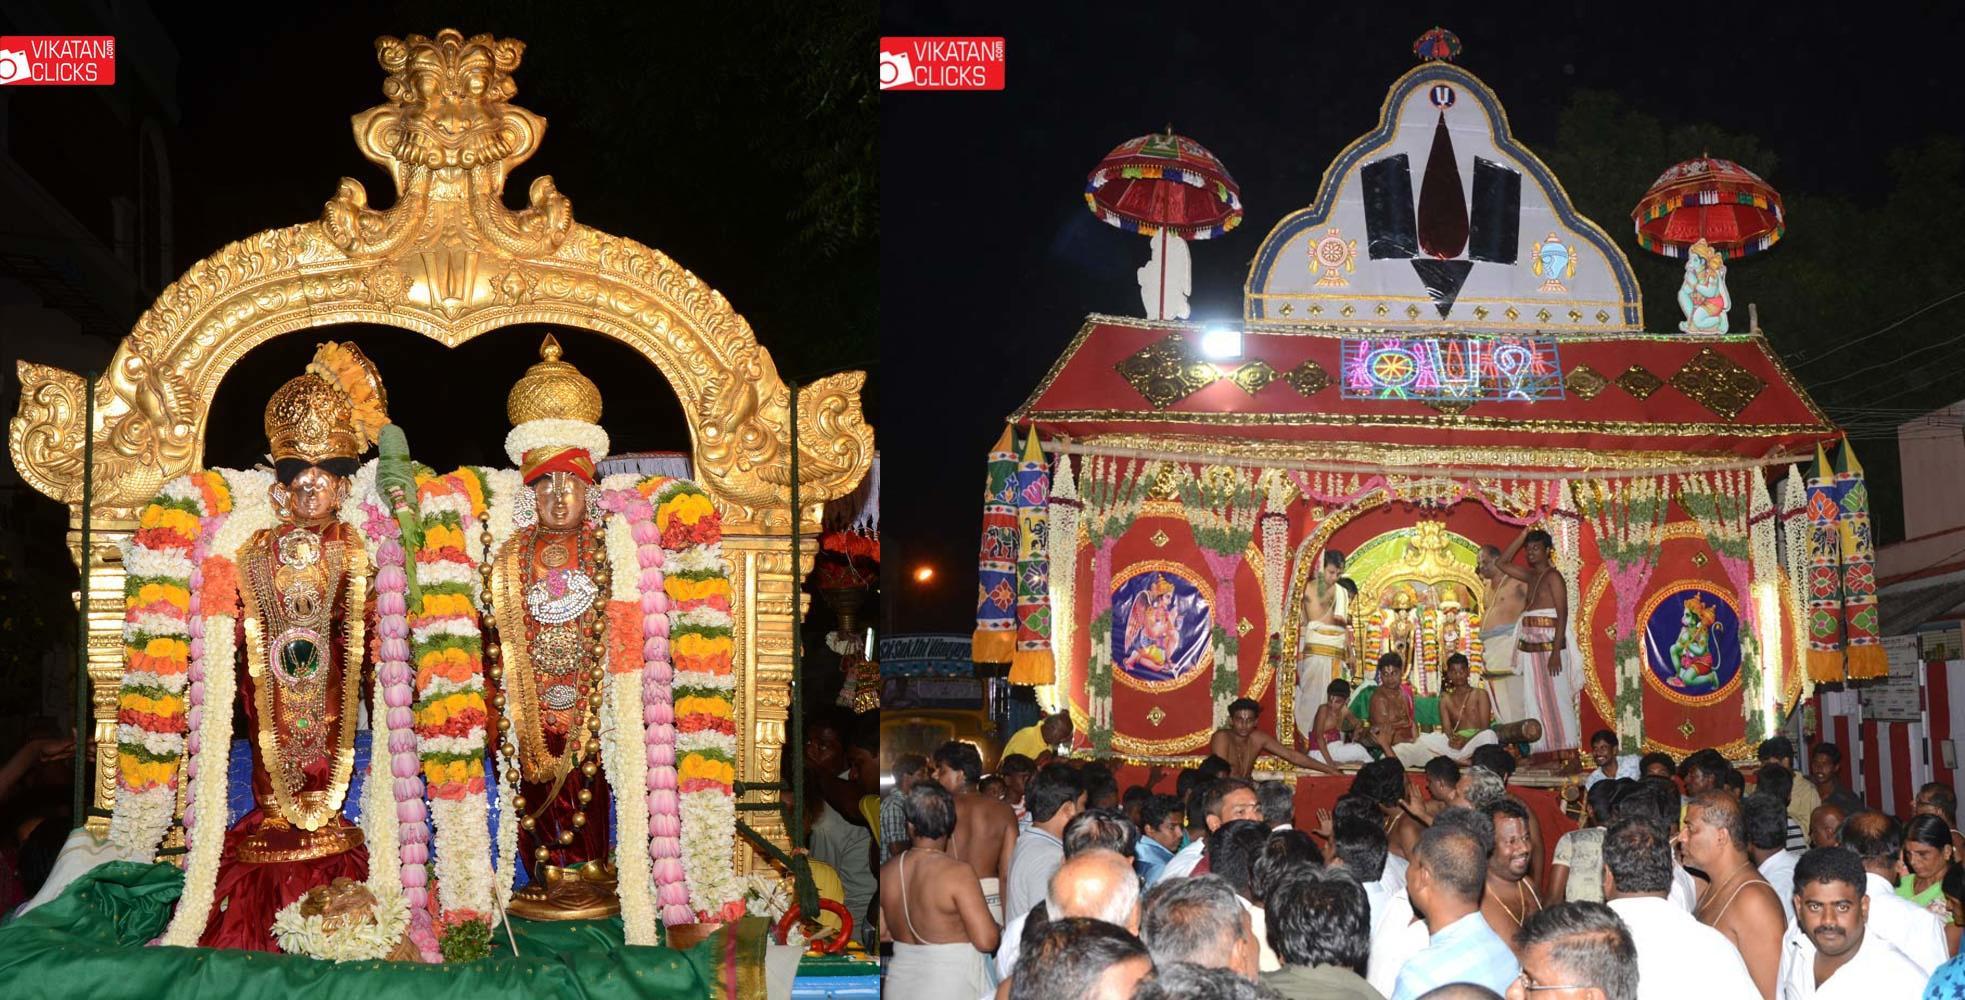 ஆண்டாளுடன் ரங்கமன்னர்